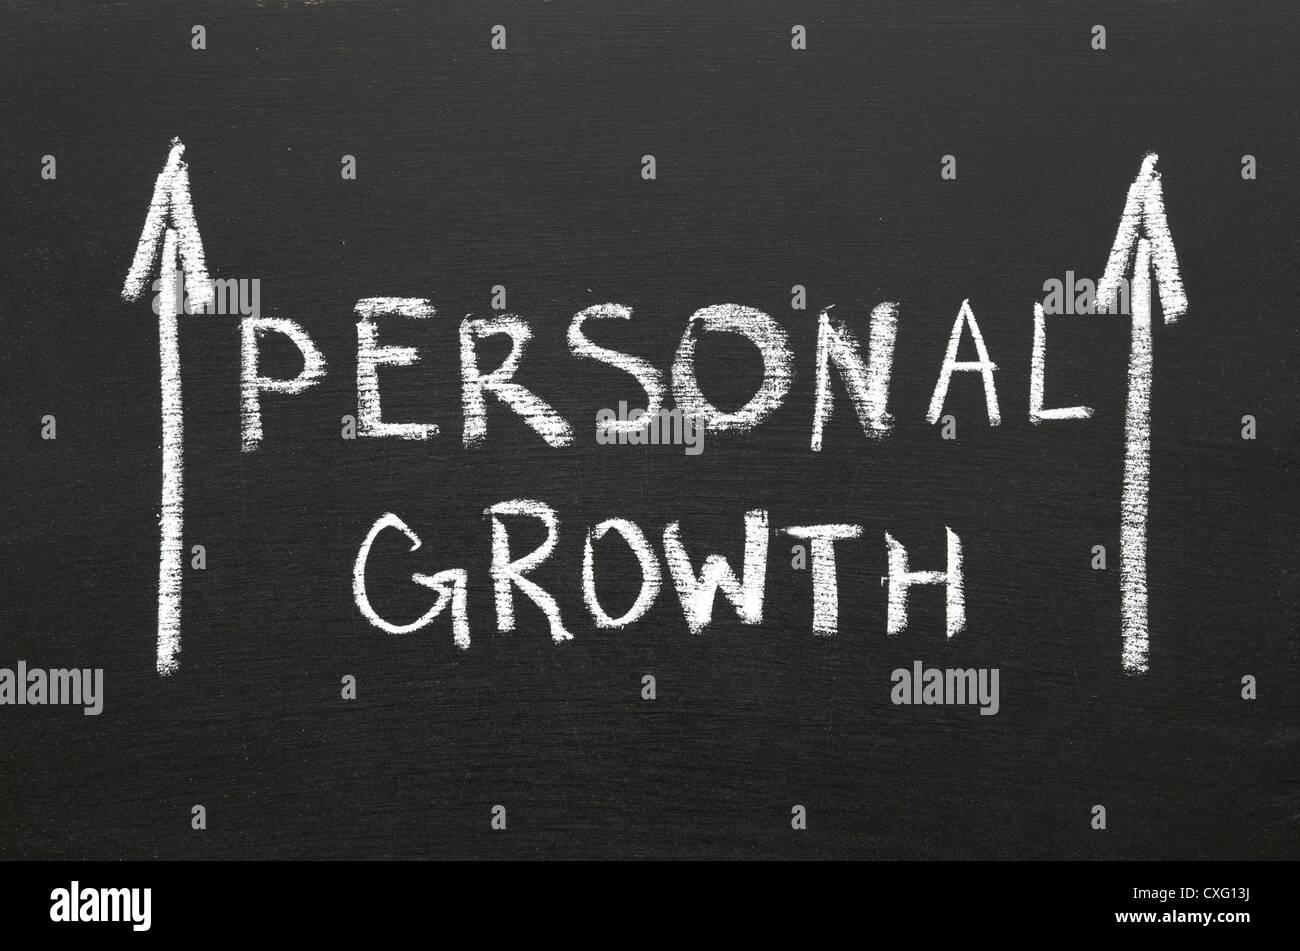 Persönliches Wachstum Ausdruck handschriftlich auf der Tafel mit steigenden Pfeile Stockbild